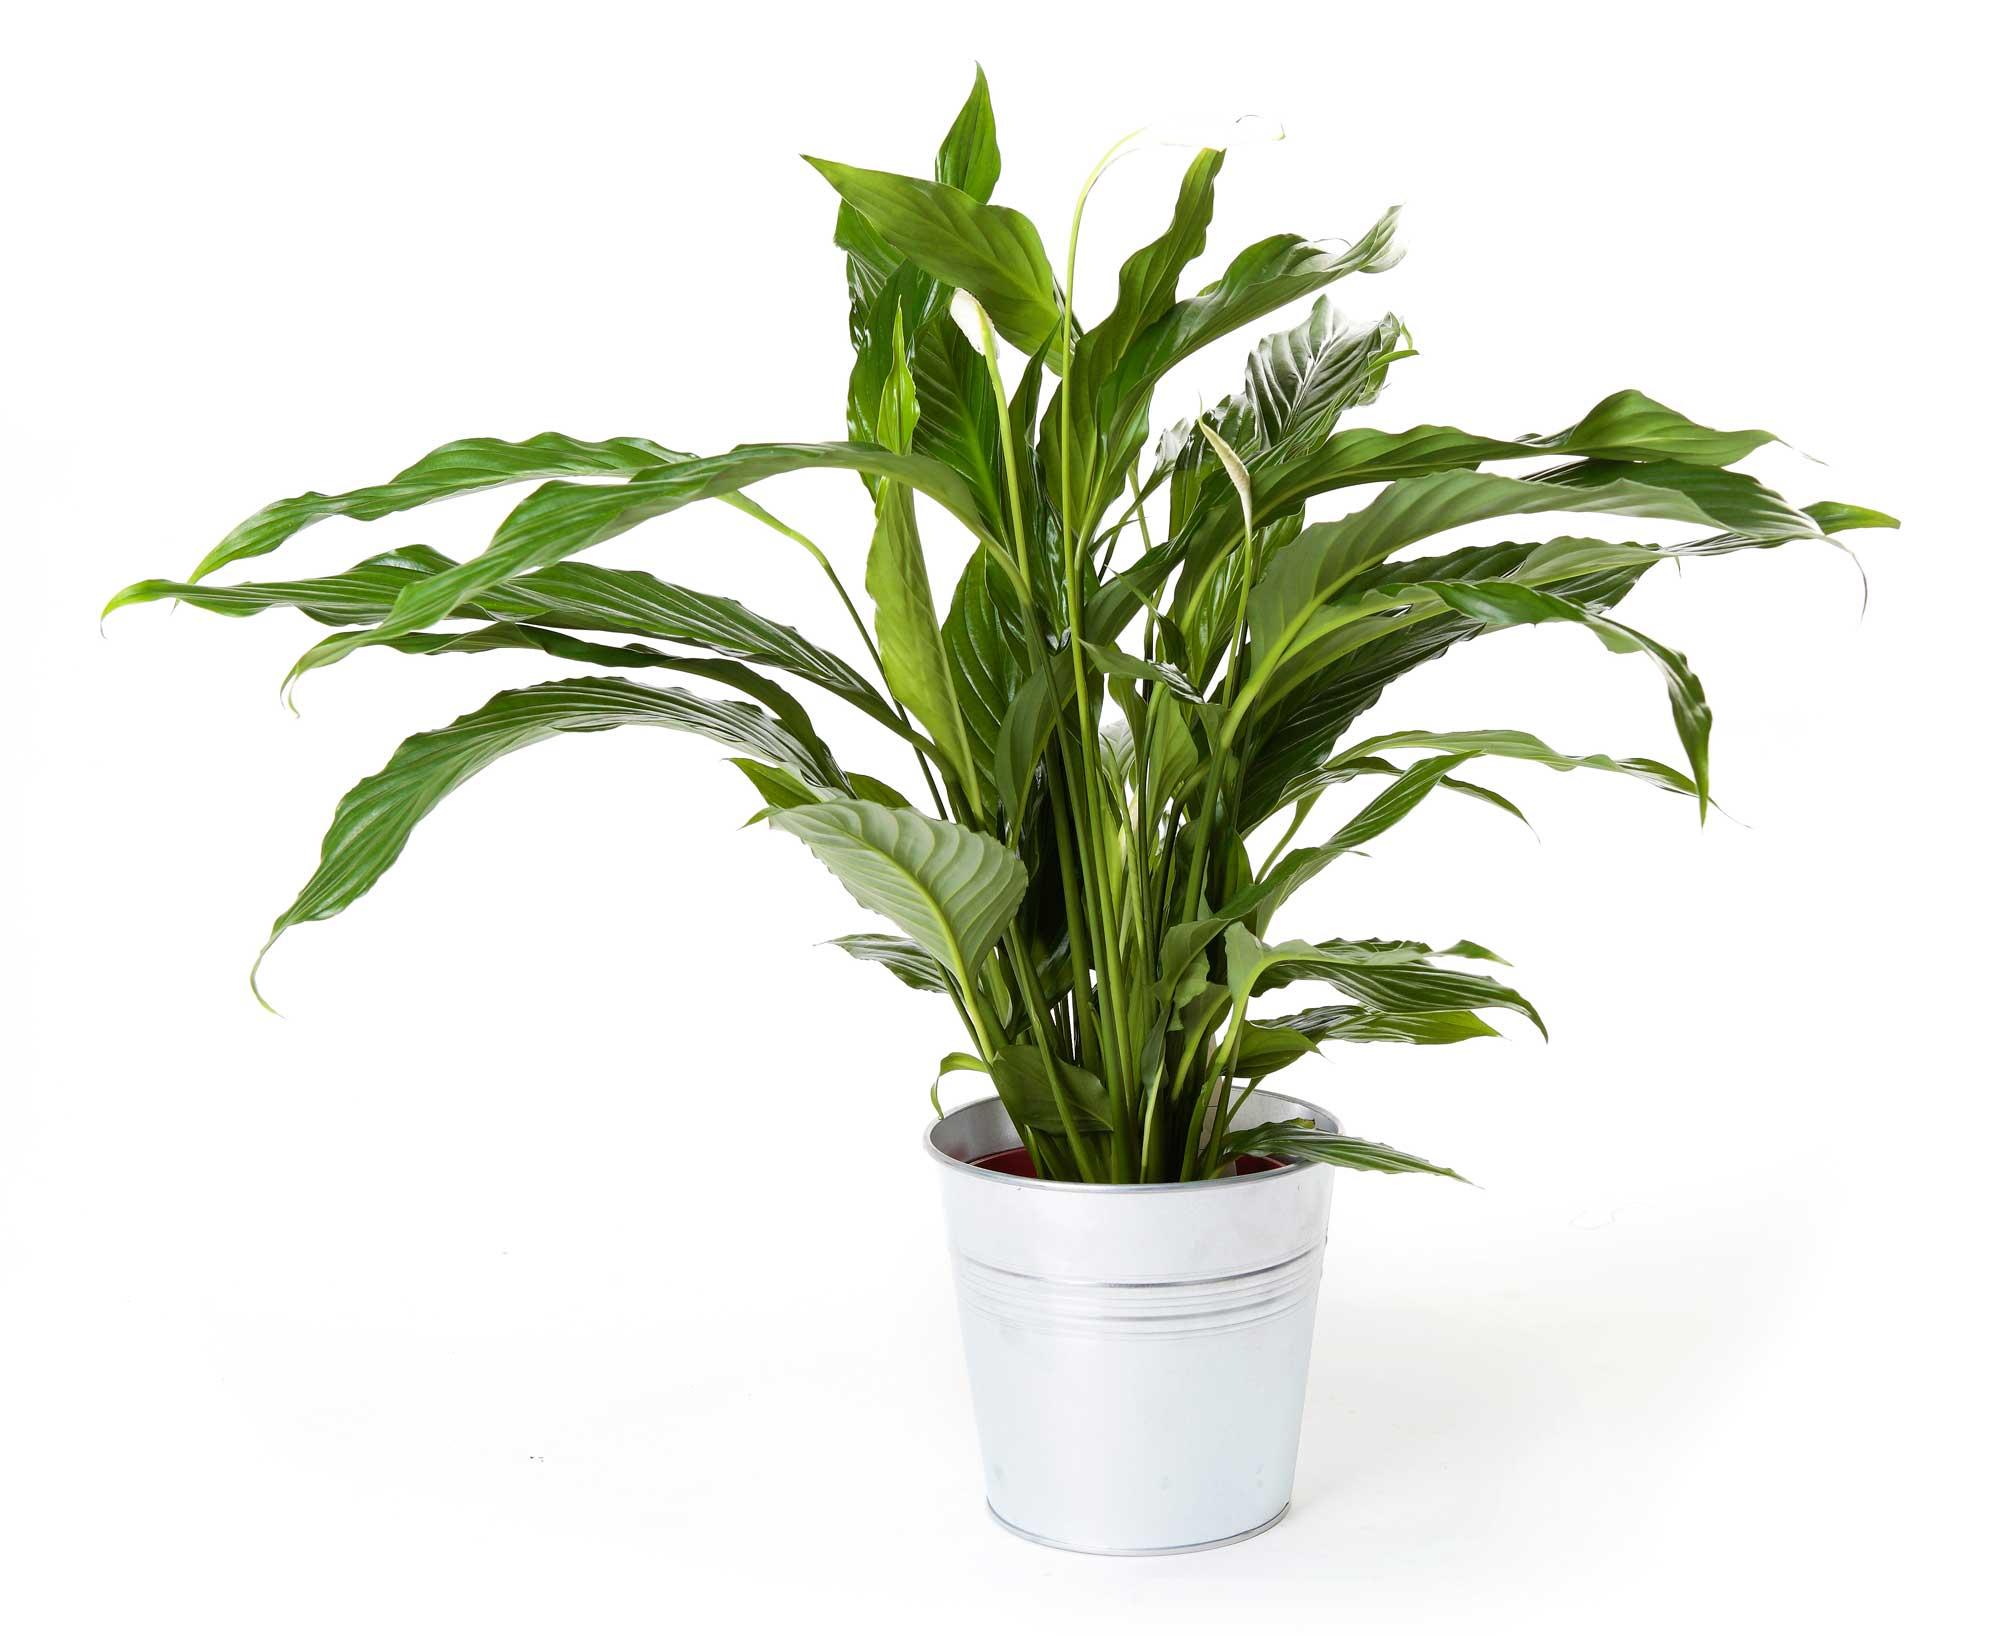 Planta spatifilium regalos plantas de interior - Macetas para plantas de interior ...